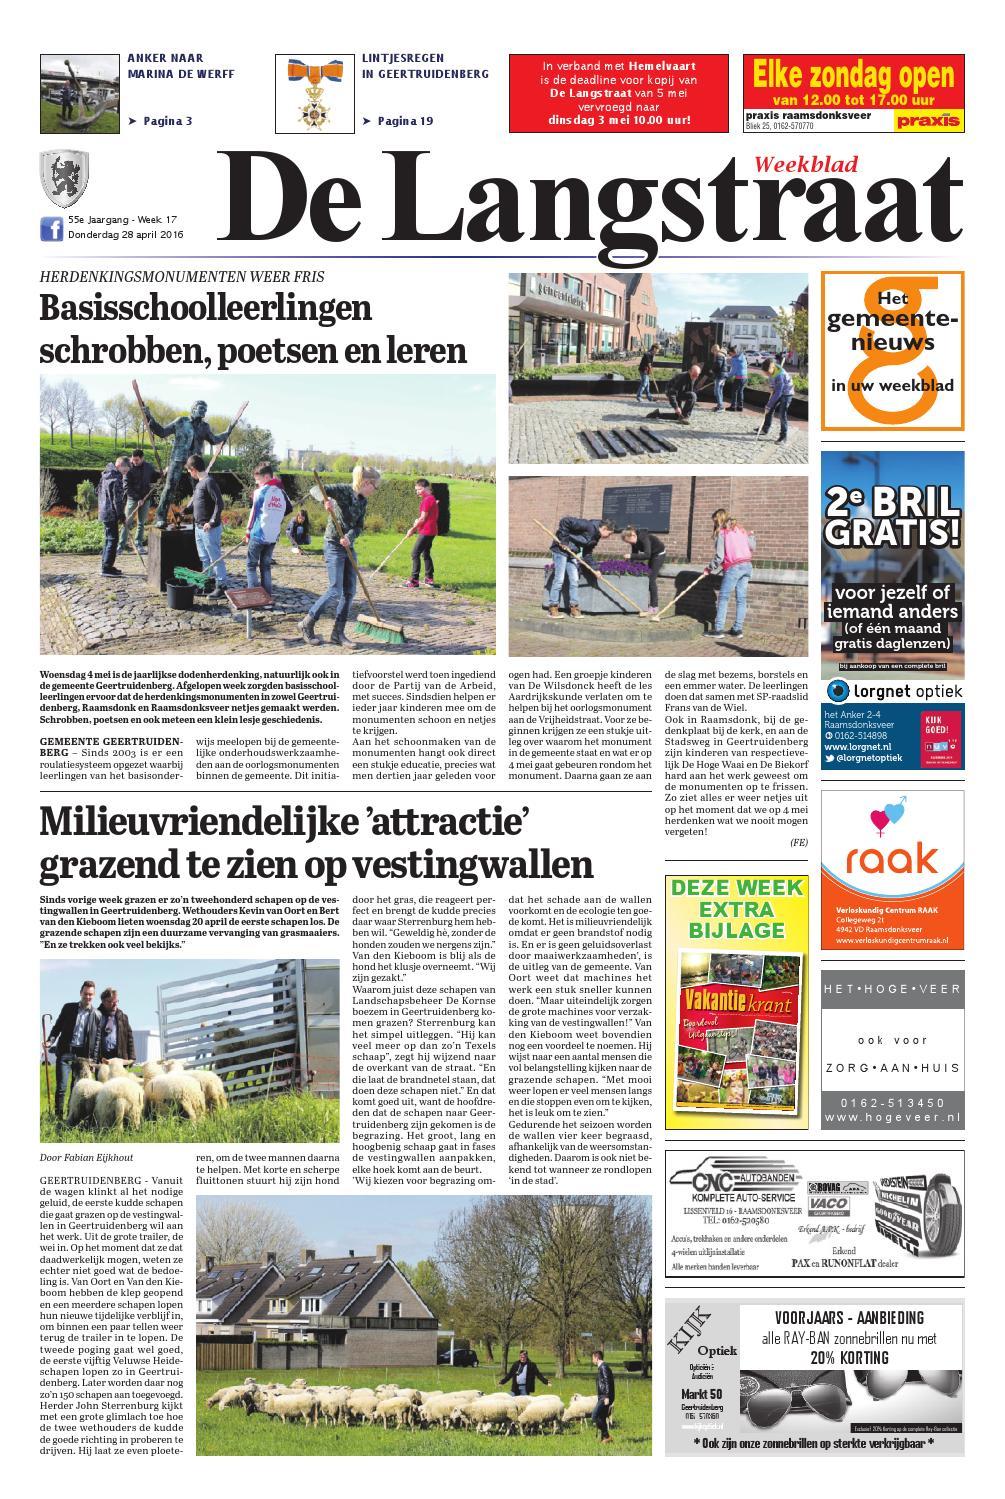 De Langstraat 28 04 2016 By Uitgeverij Em De Jong Issuu